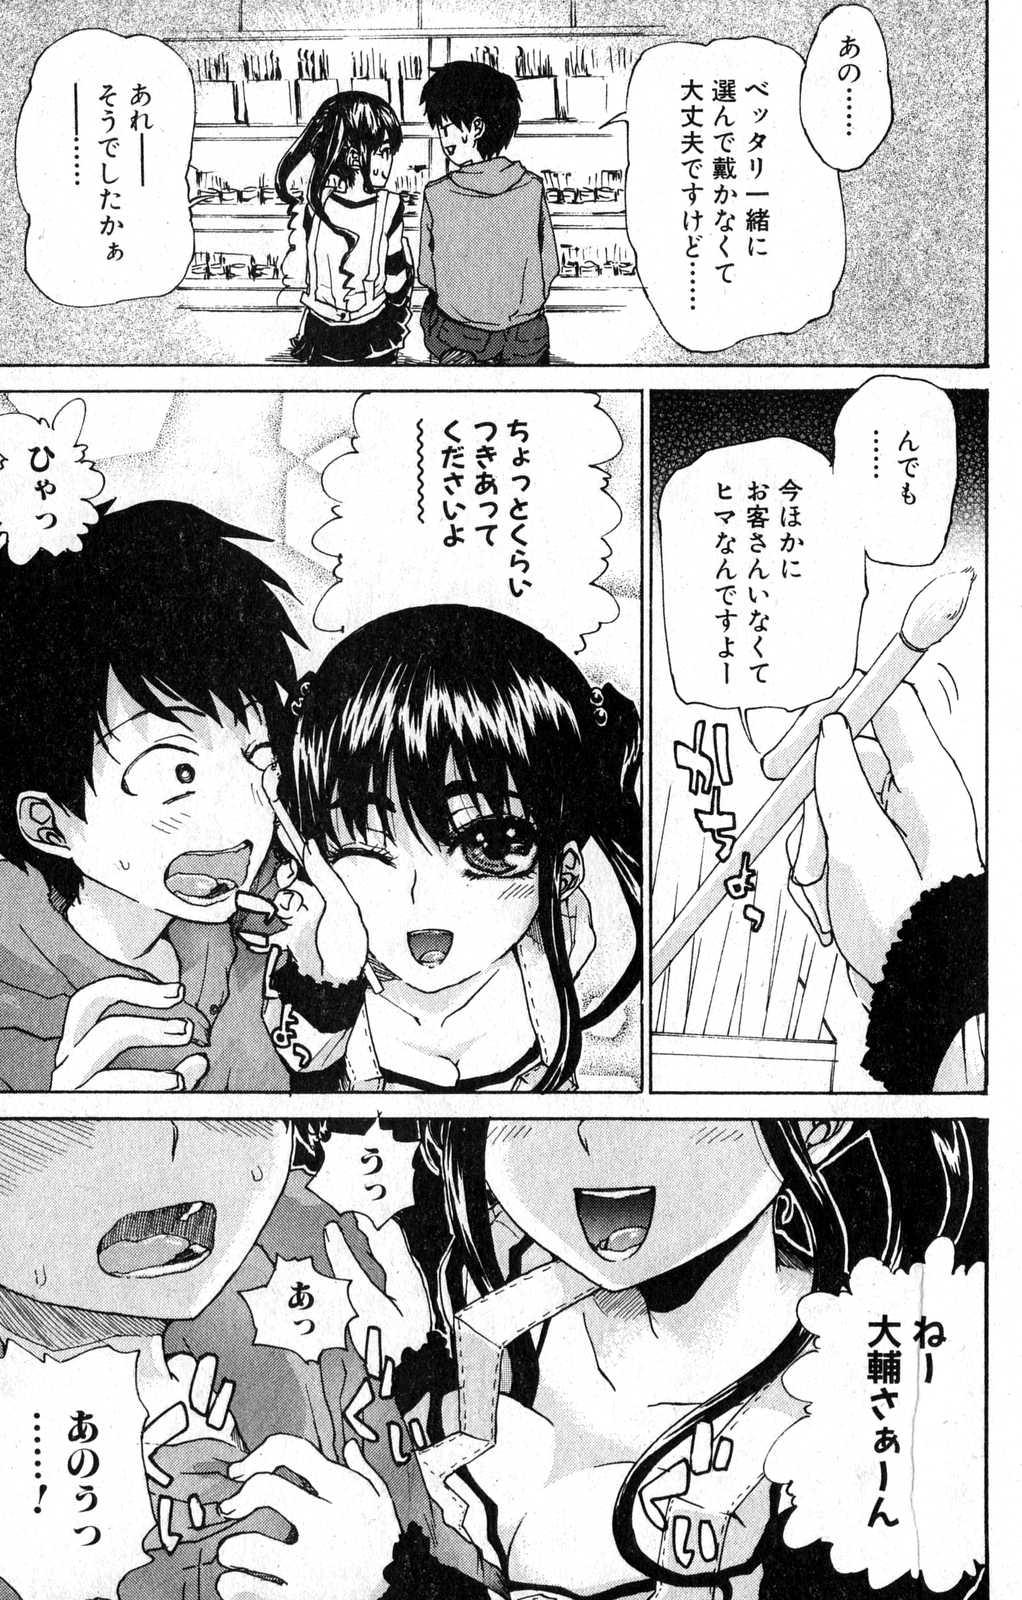 Bishoujo Teki Kaikatsu Ryoku 2007 Vol.15 138